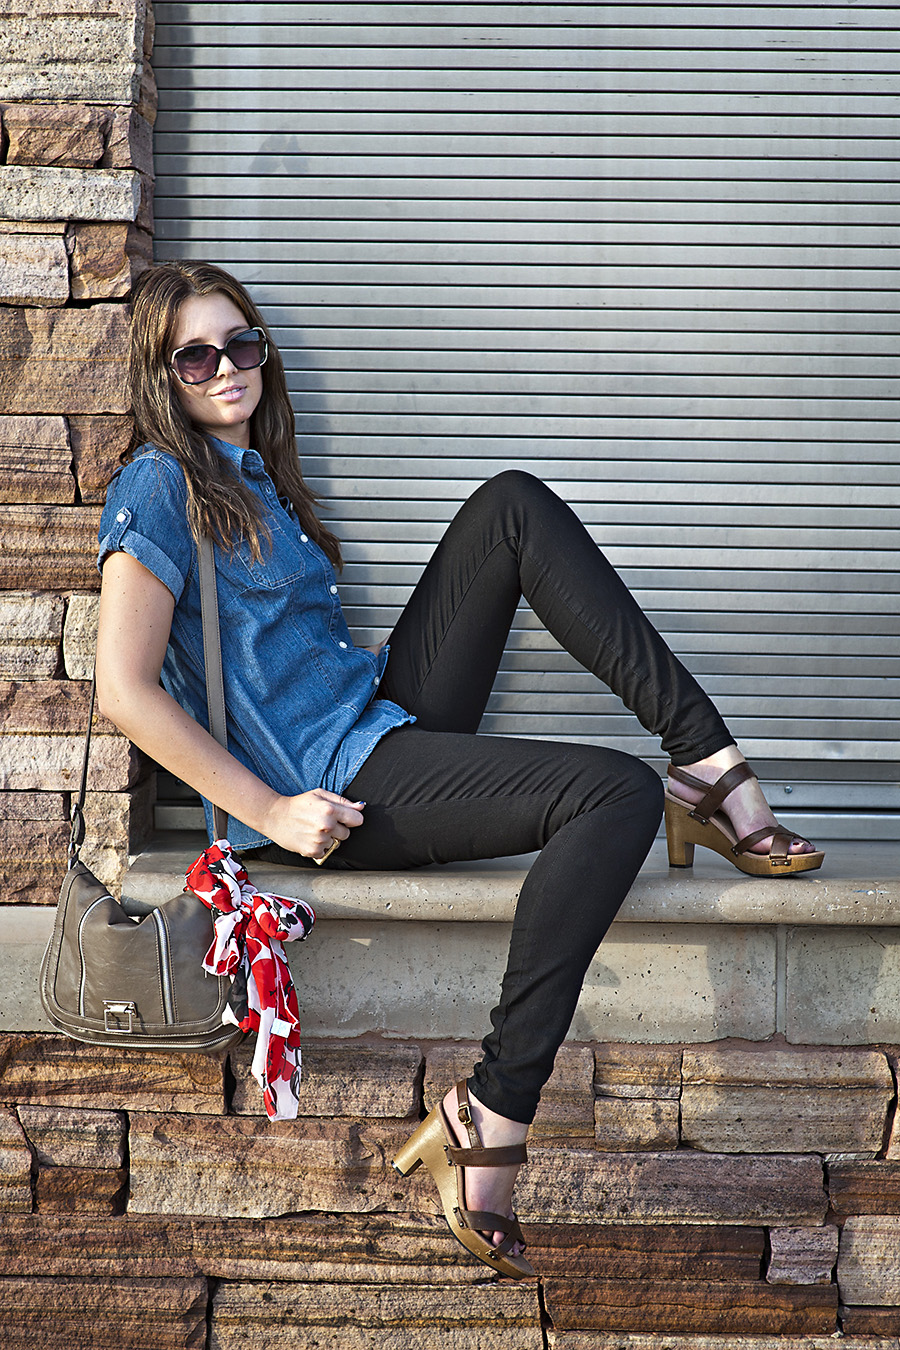 Sunglasses, brown purse, brown heels